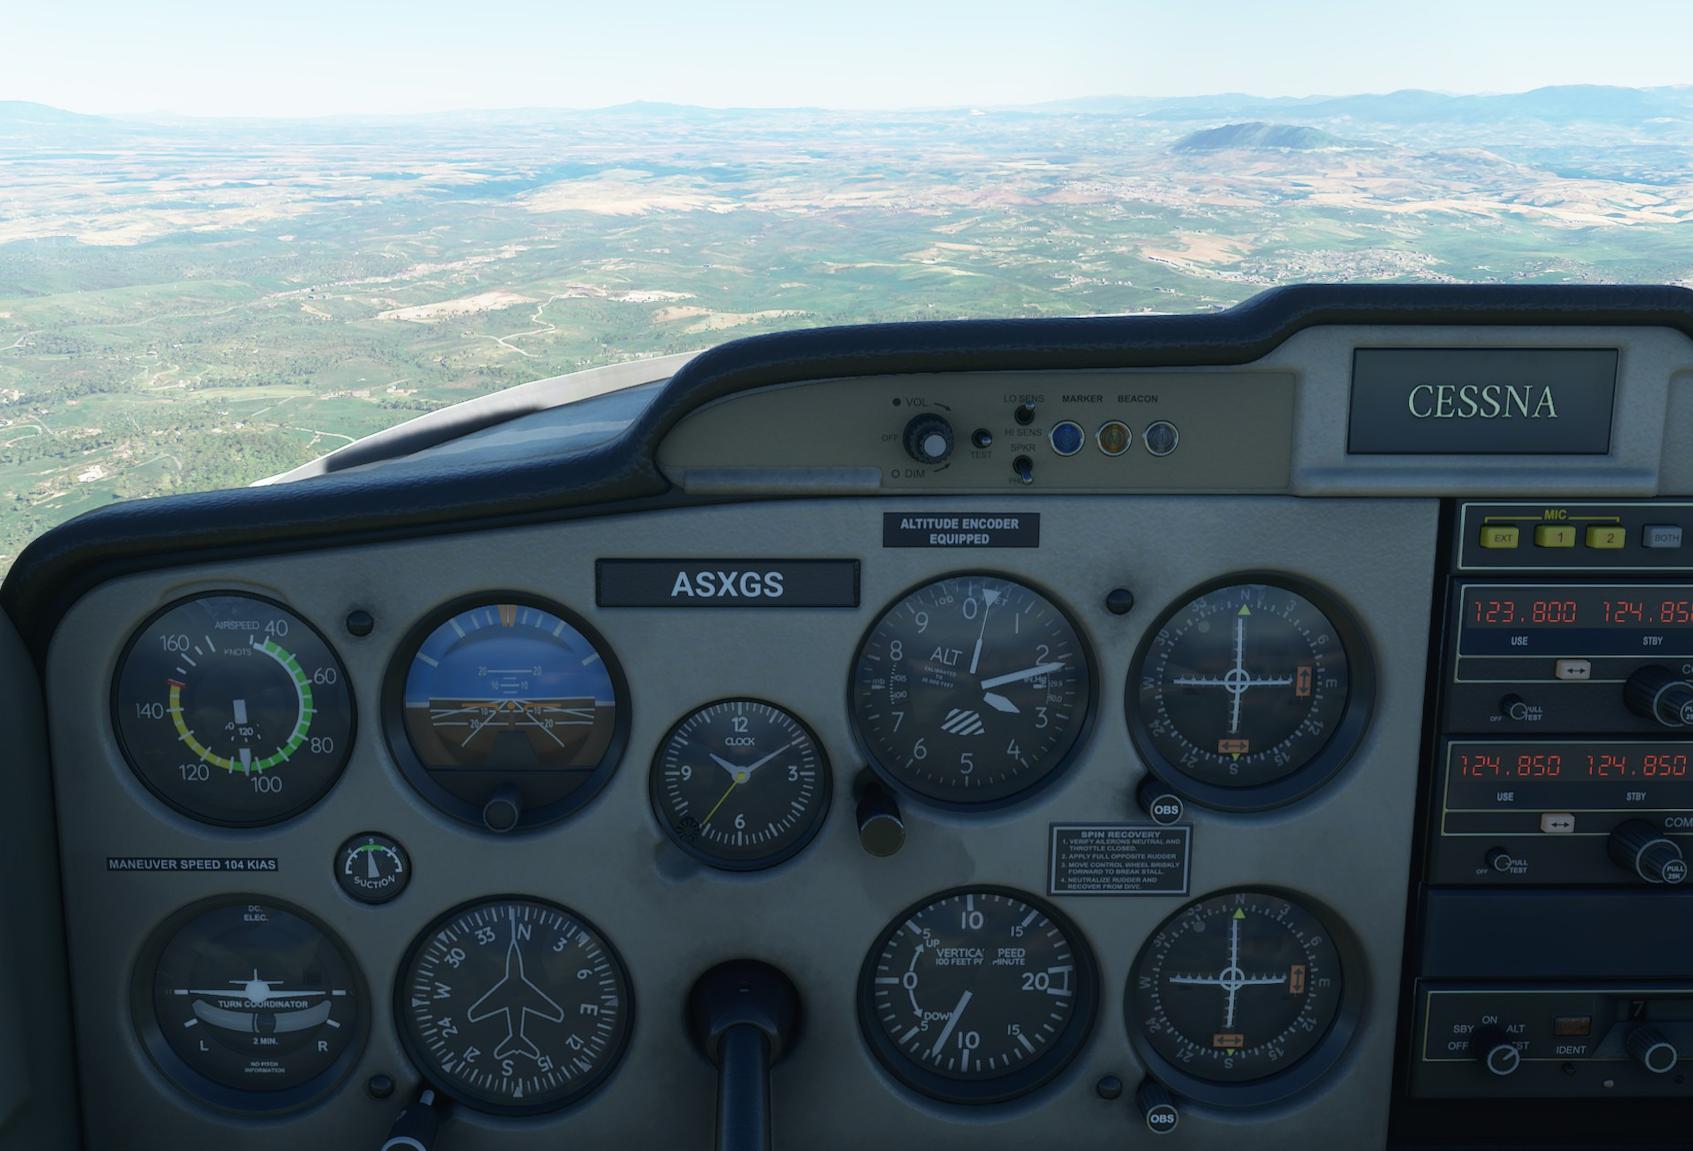 Гайд по Flight Simulator от пилотов: учимся управлять самолетом - 8